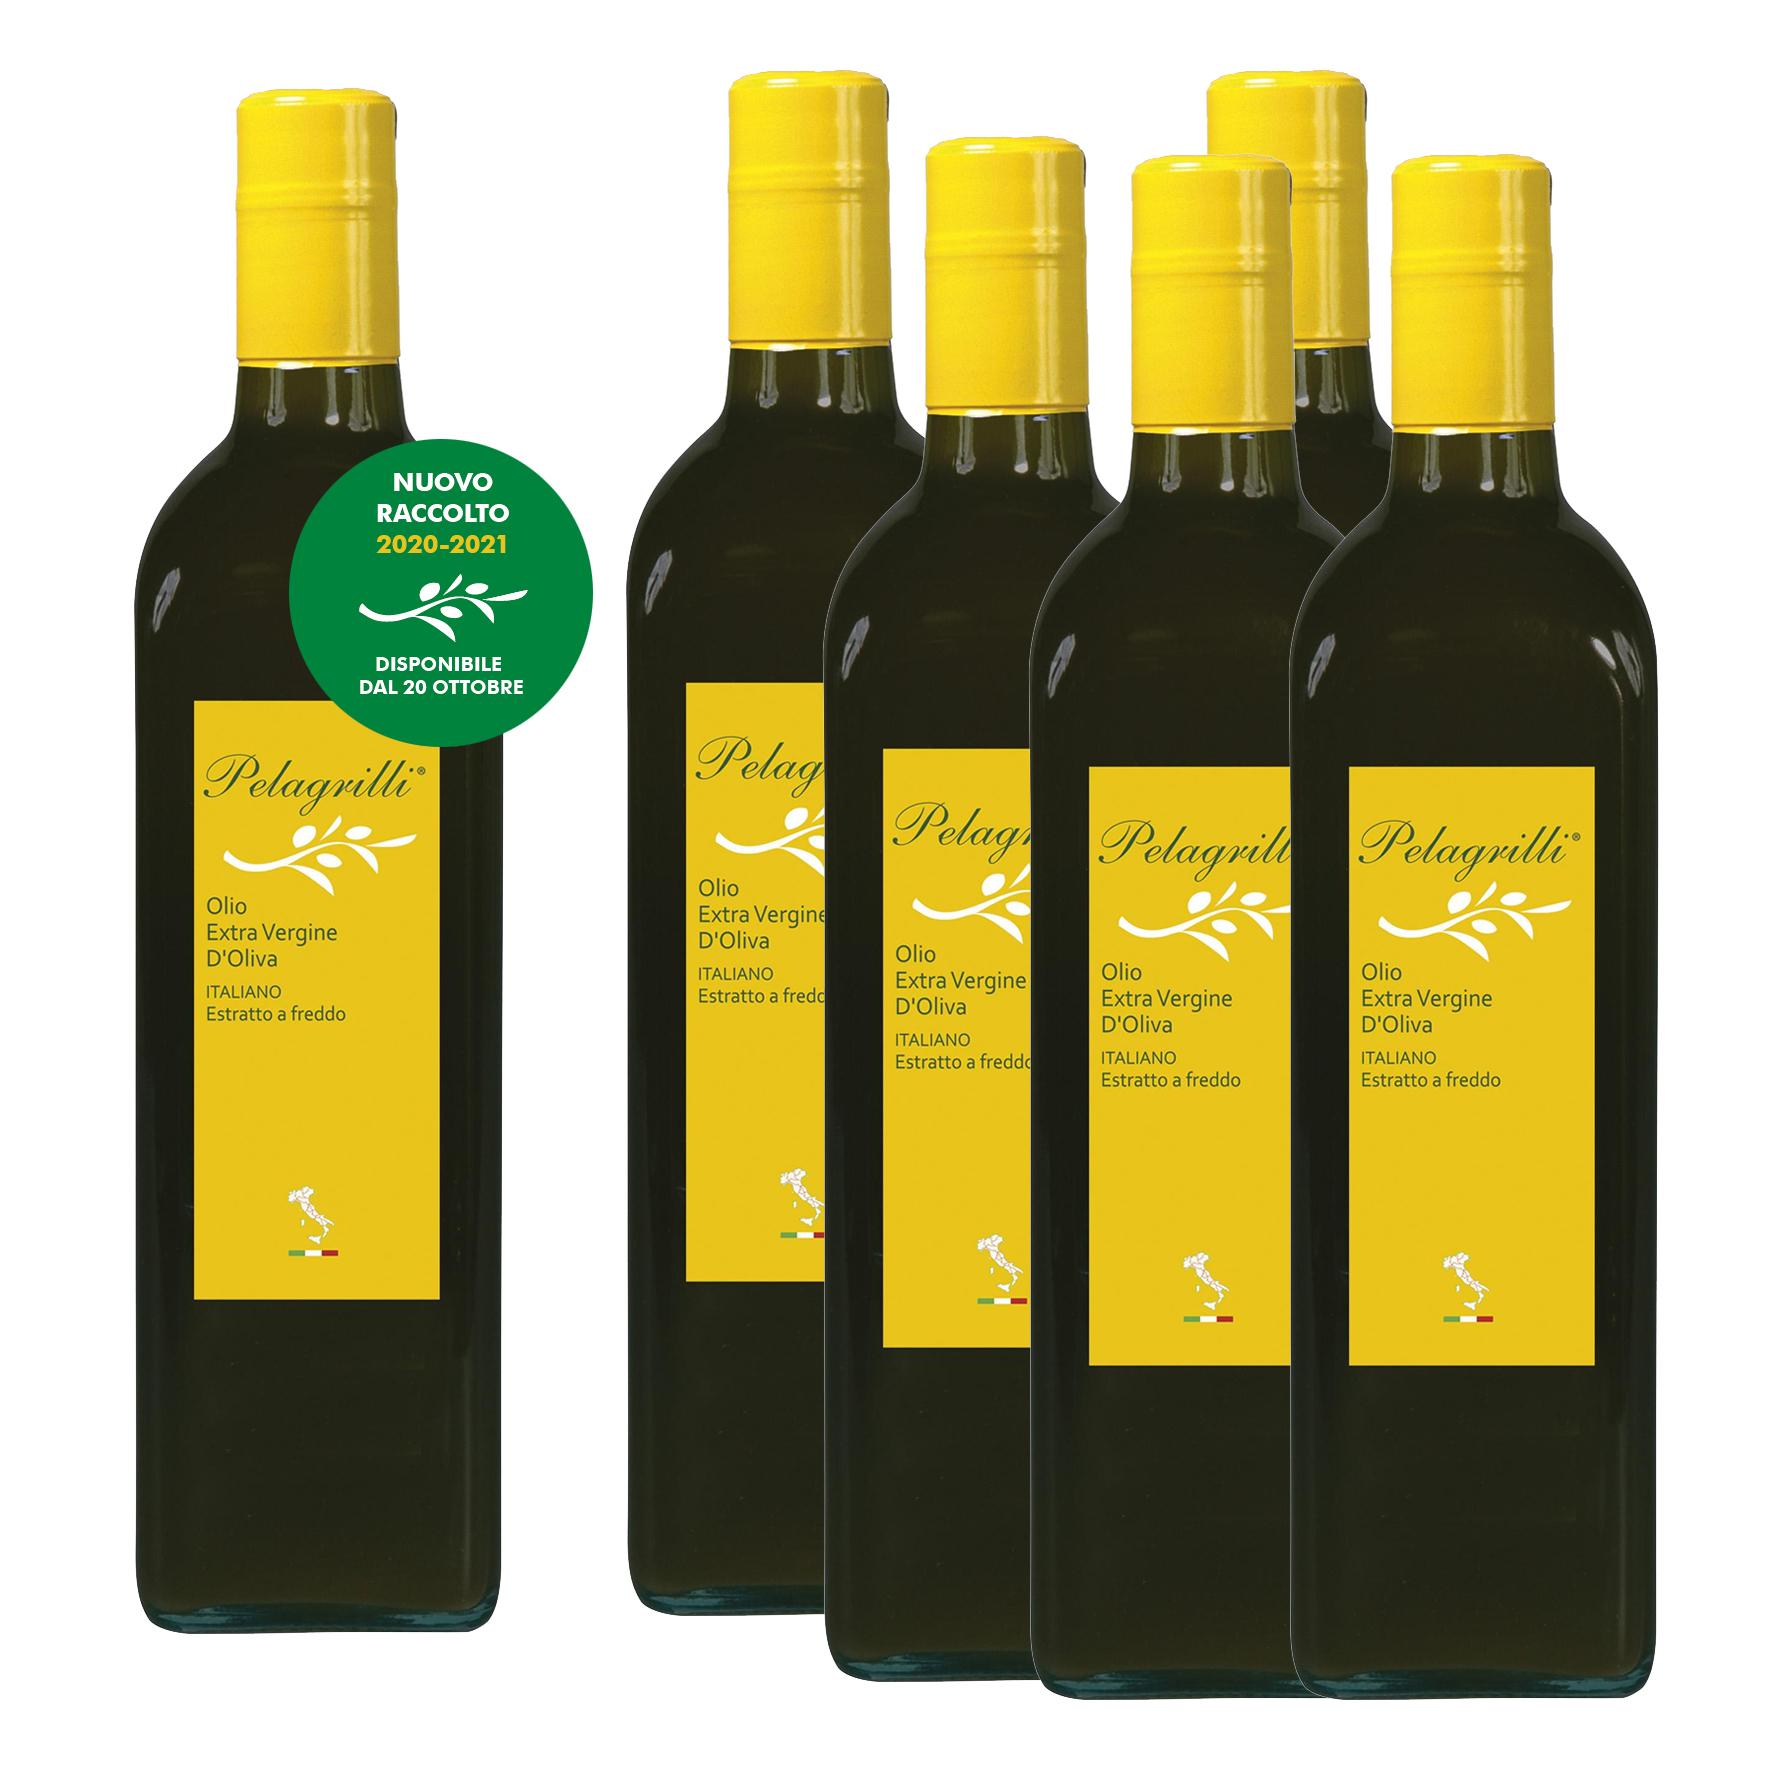 100% ITALIENISCHES PRODUKT LT 0,75 Natives Olivenöl extra - kalt extrahiert - Ernte 2020-2021 - GEFILTERT